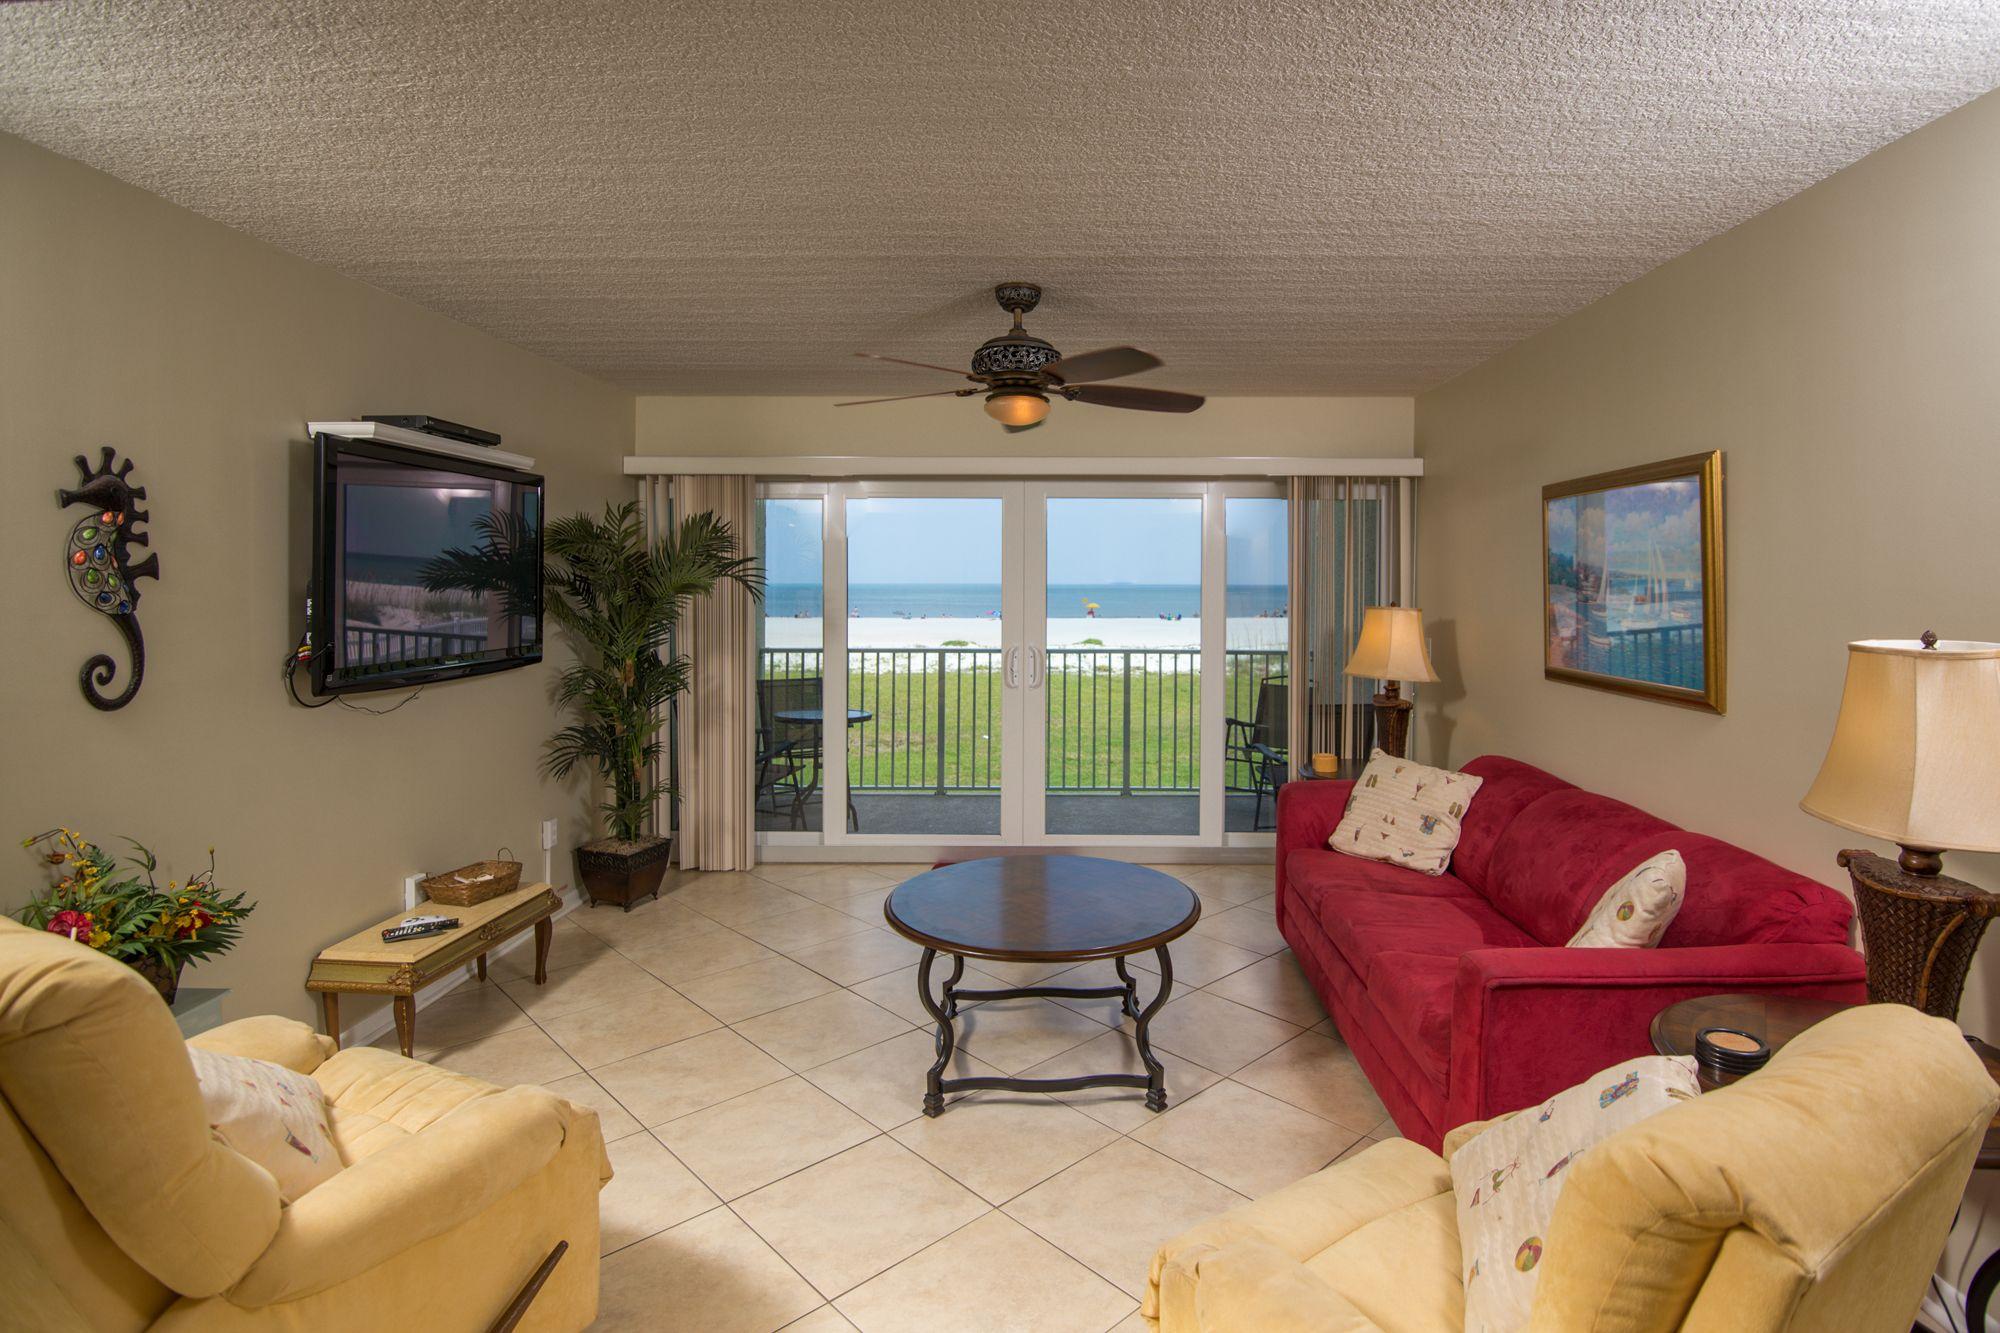 oceanfront vacation rentals in Florida